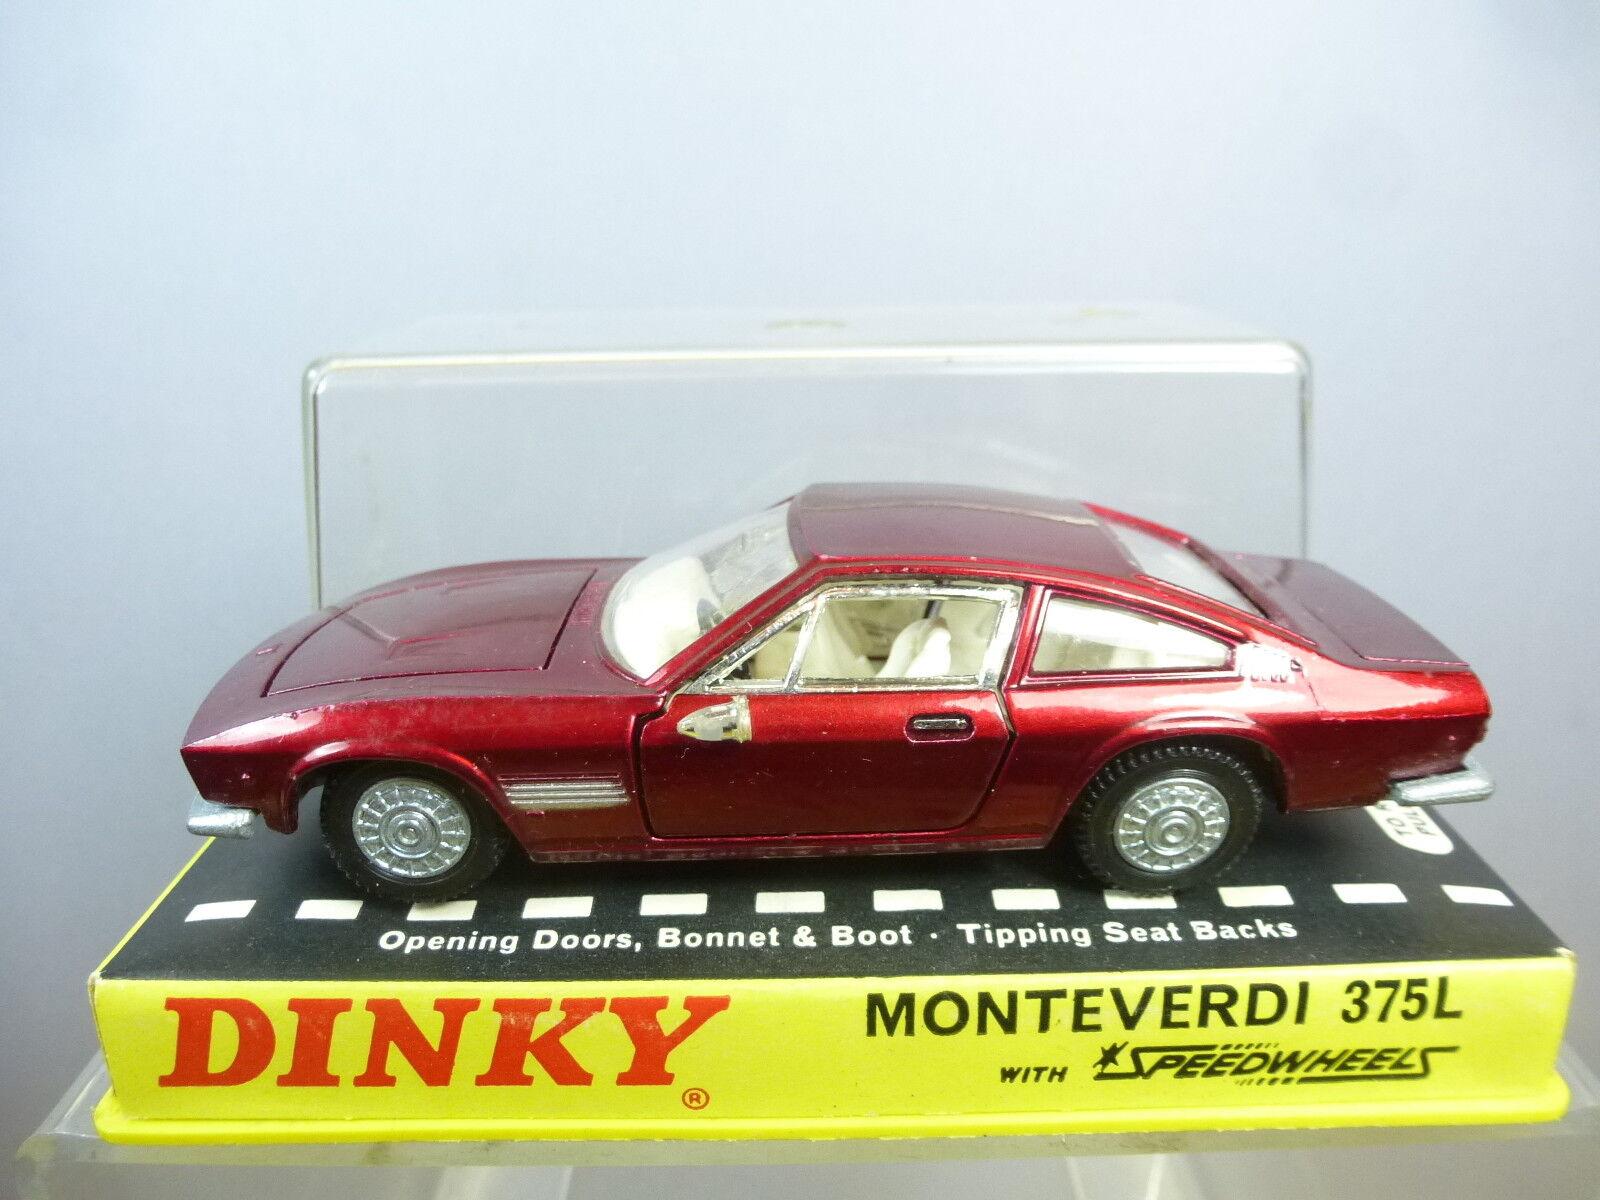 Vintage DINKY  TOYS modèle No.190 Monteverdi 375 L coupé  Perspex box  En parfait état, dans sa boîte  Style classique